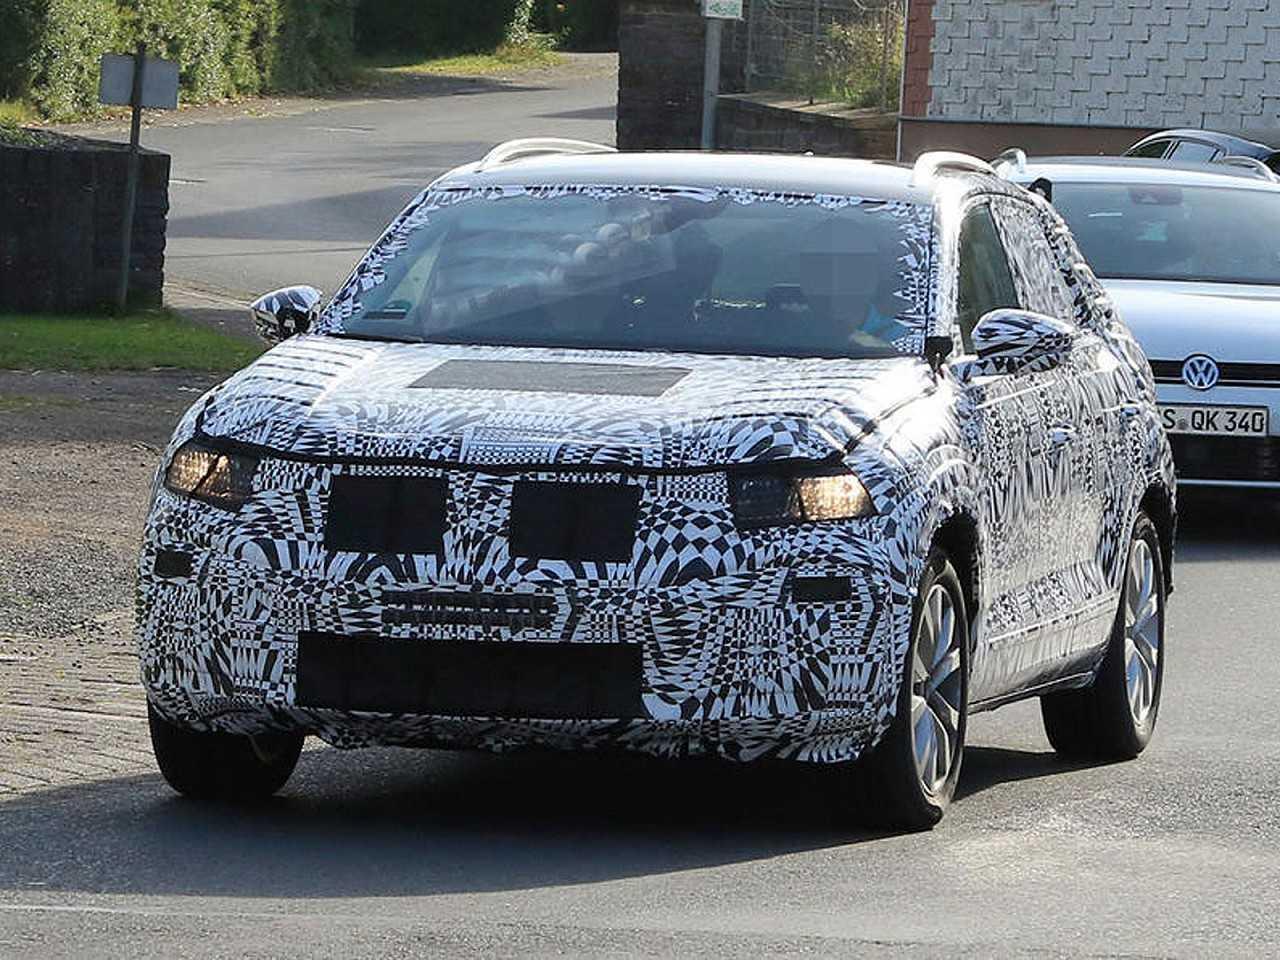 Futuro SUV compacto da Volkswagen em teste